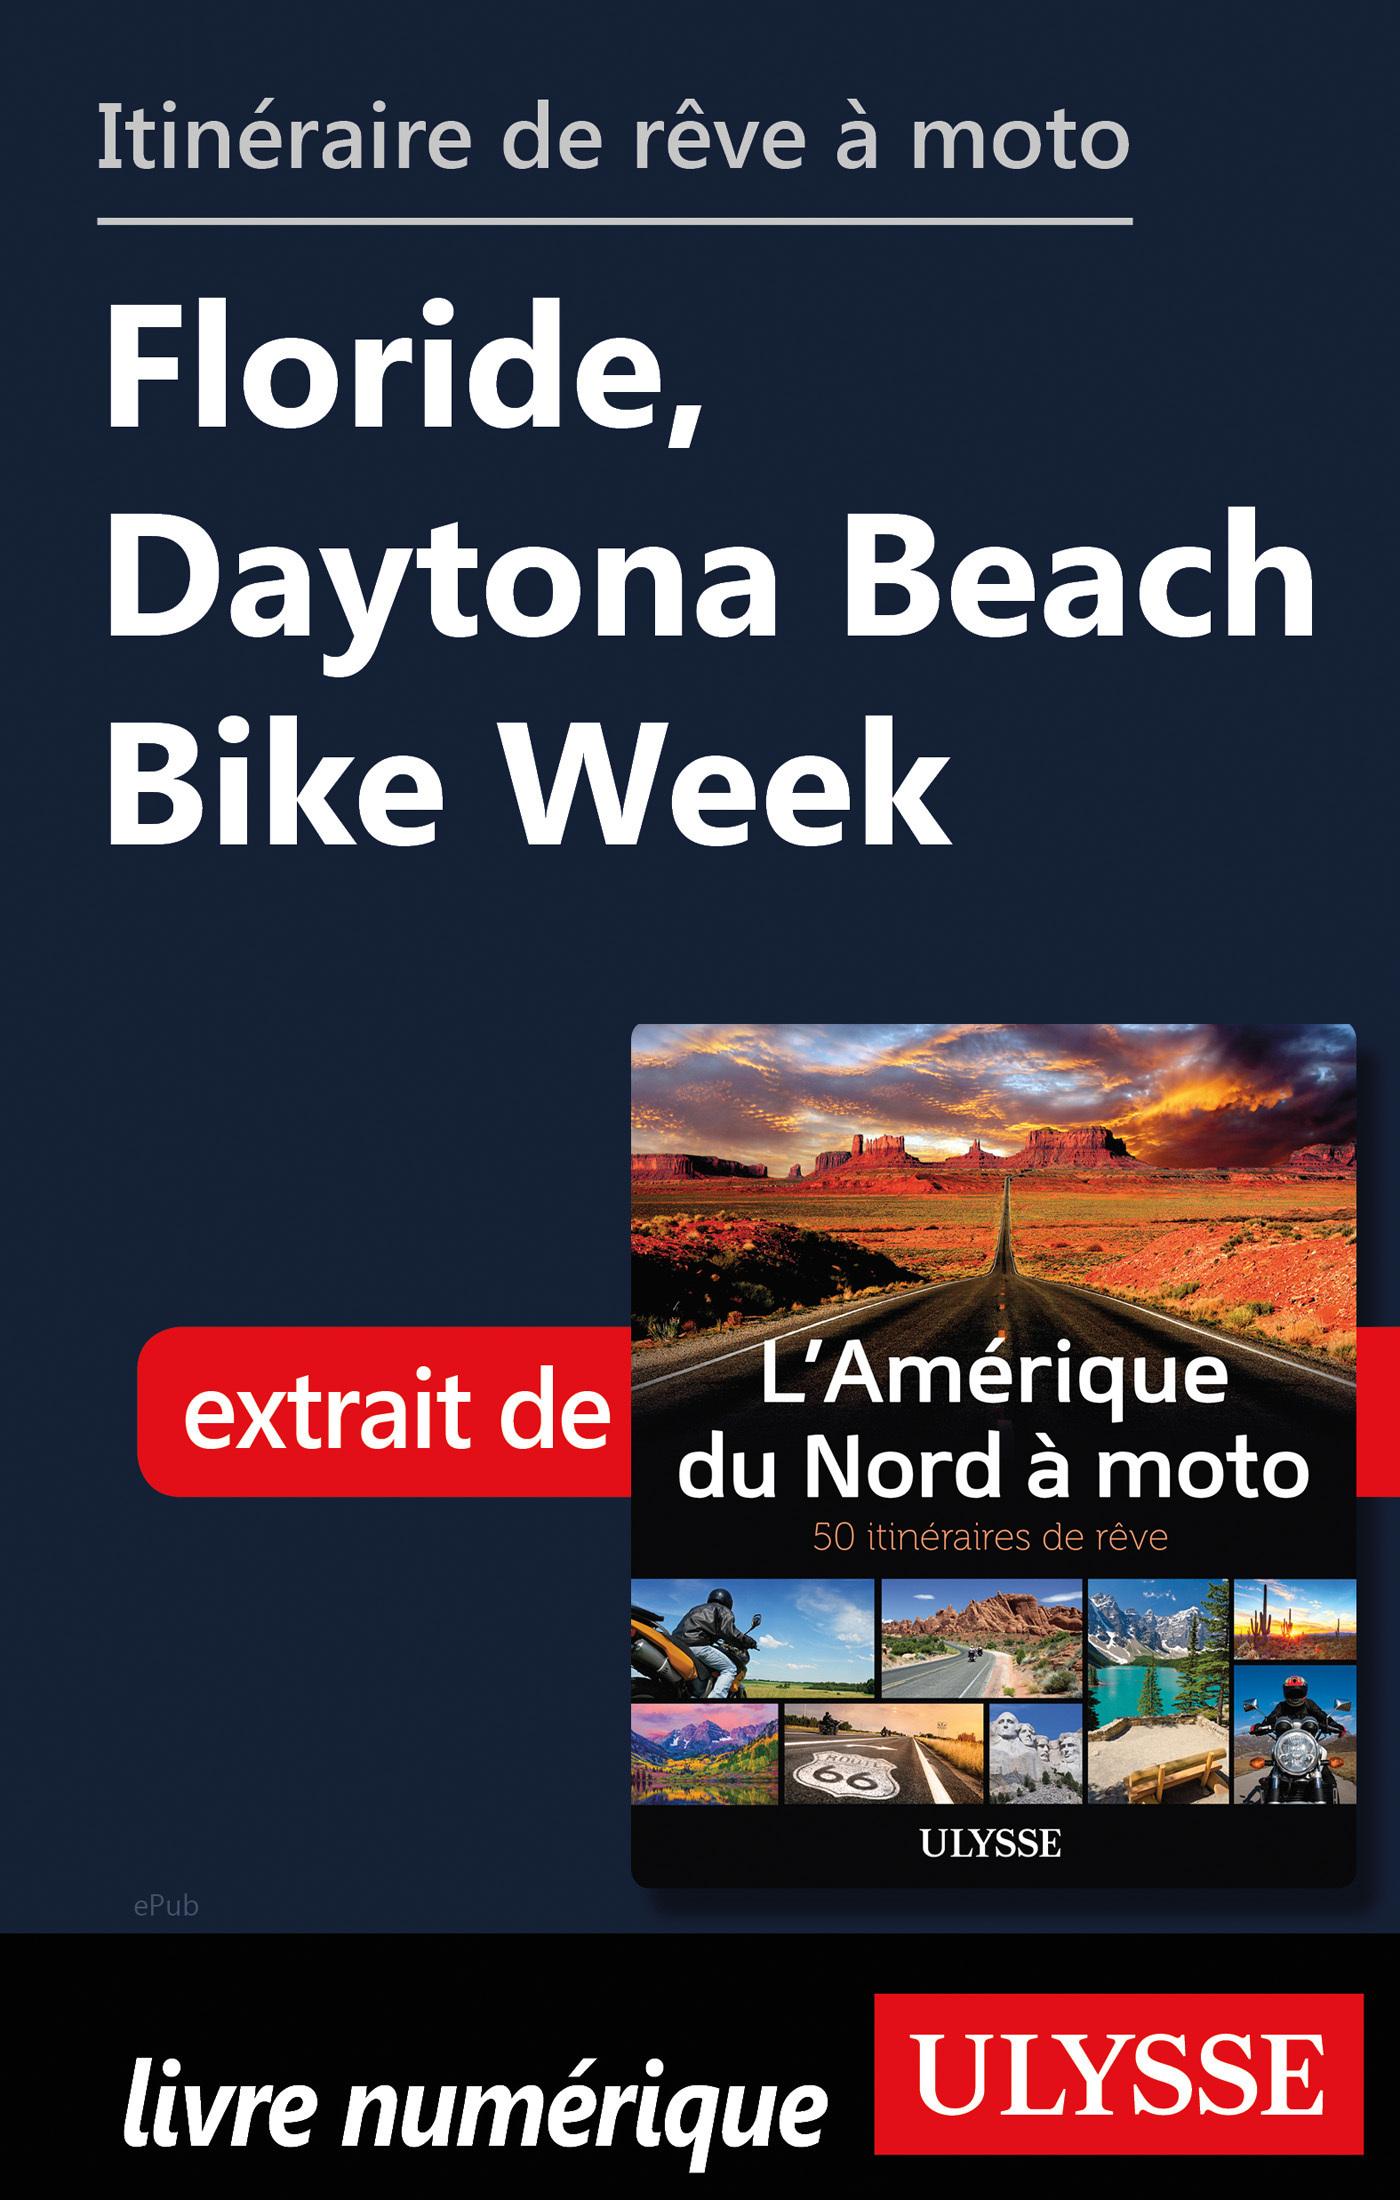 Itinéraire de rêve à moto - Floride, Daytona Beach Bike Week